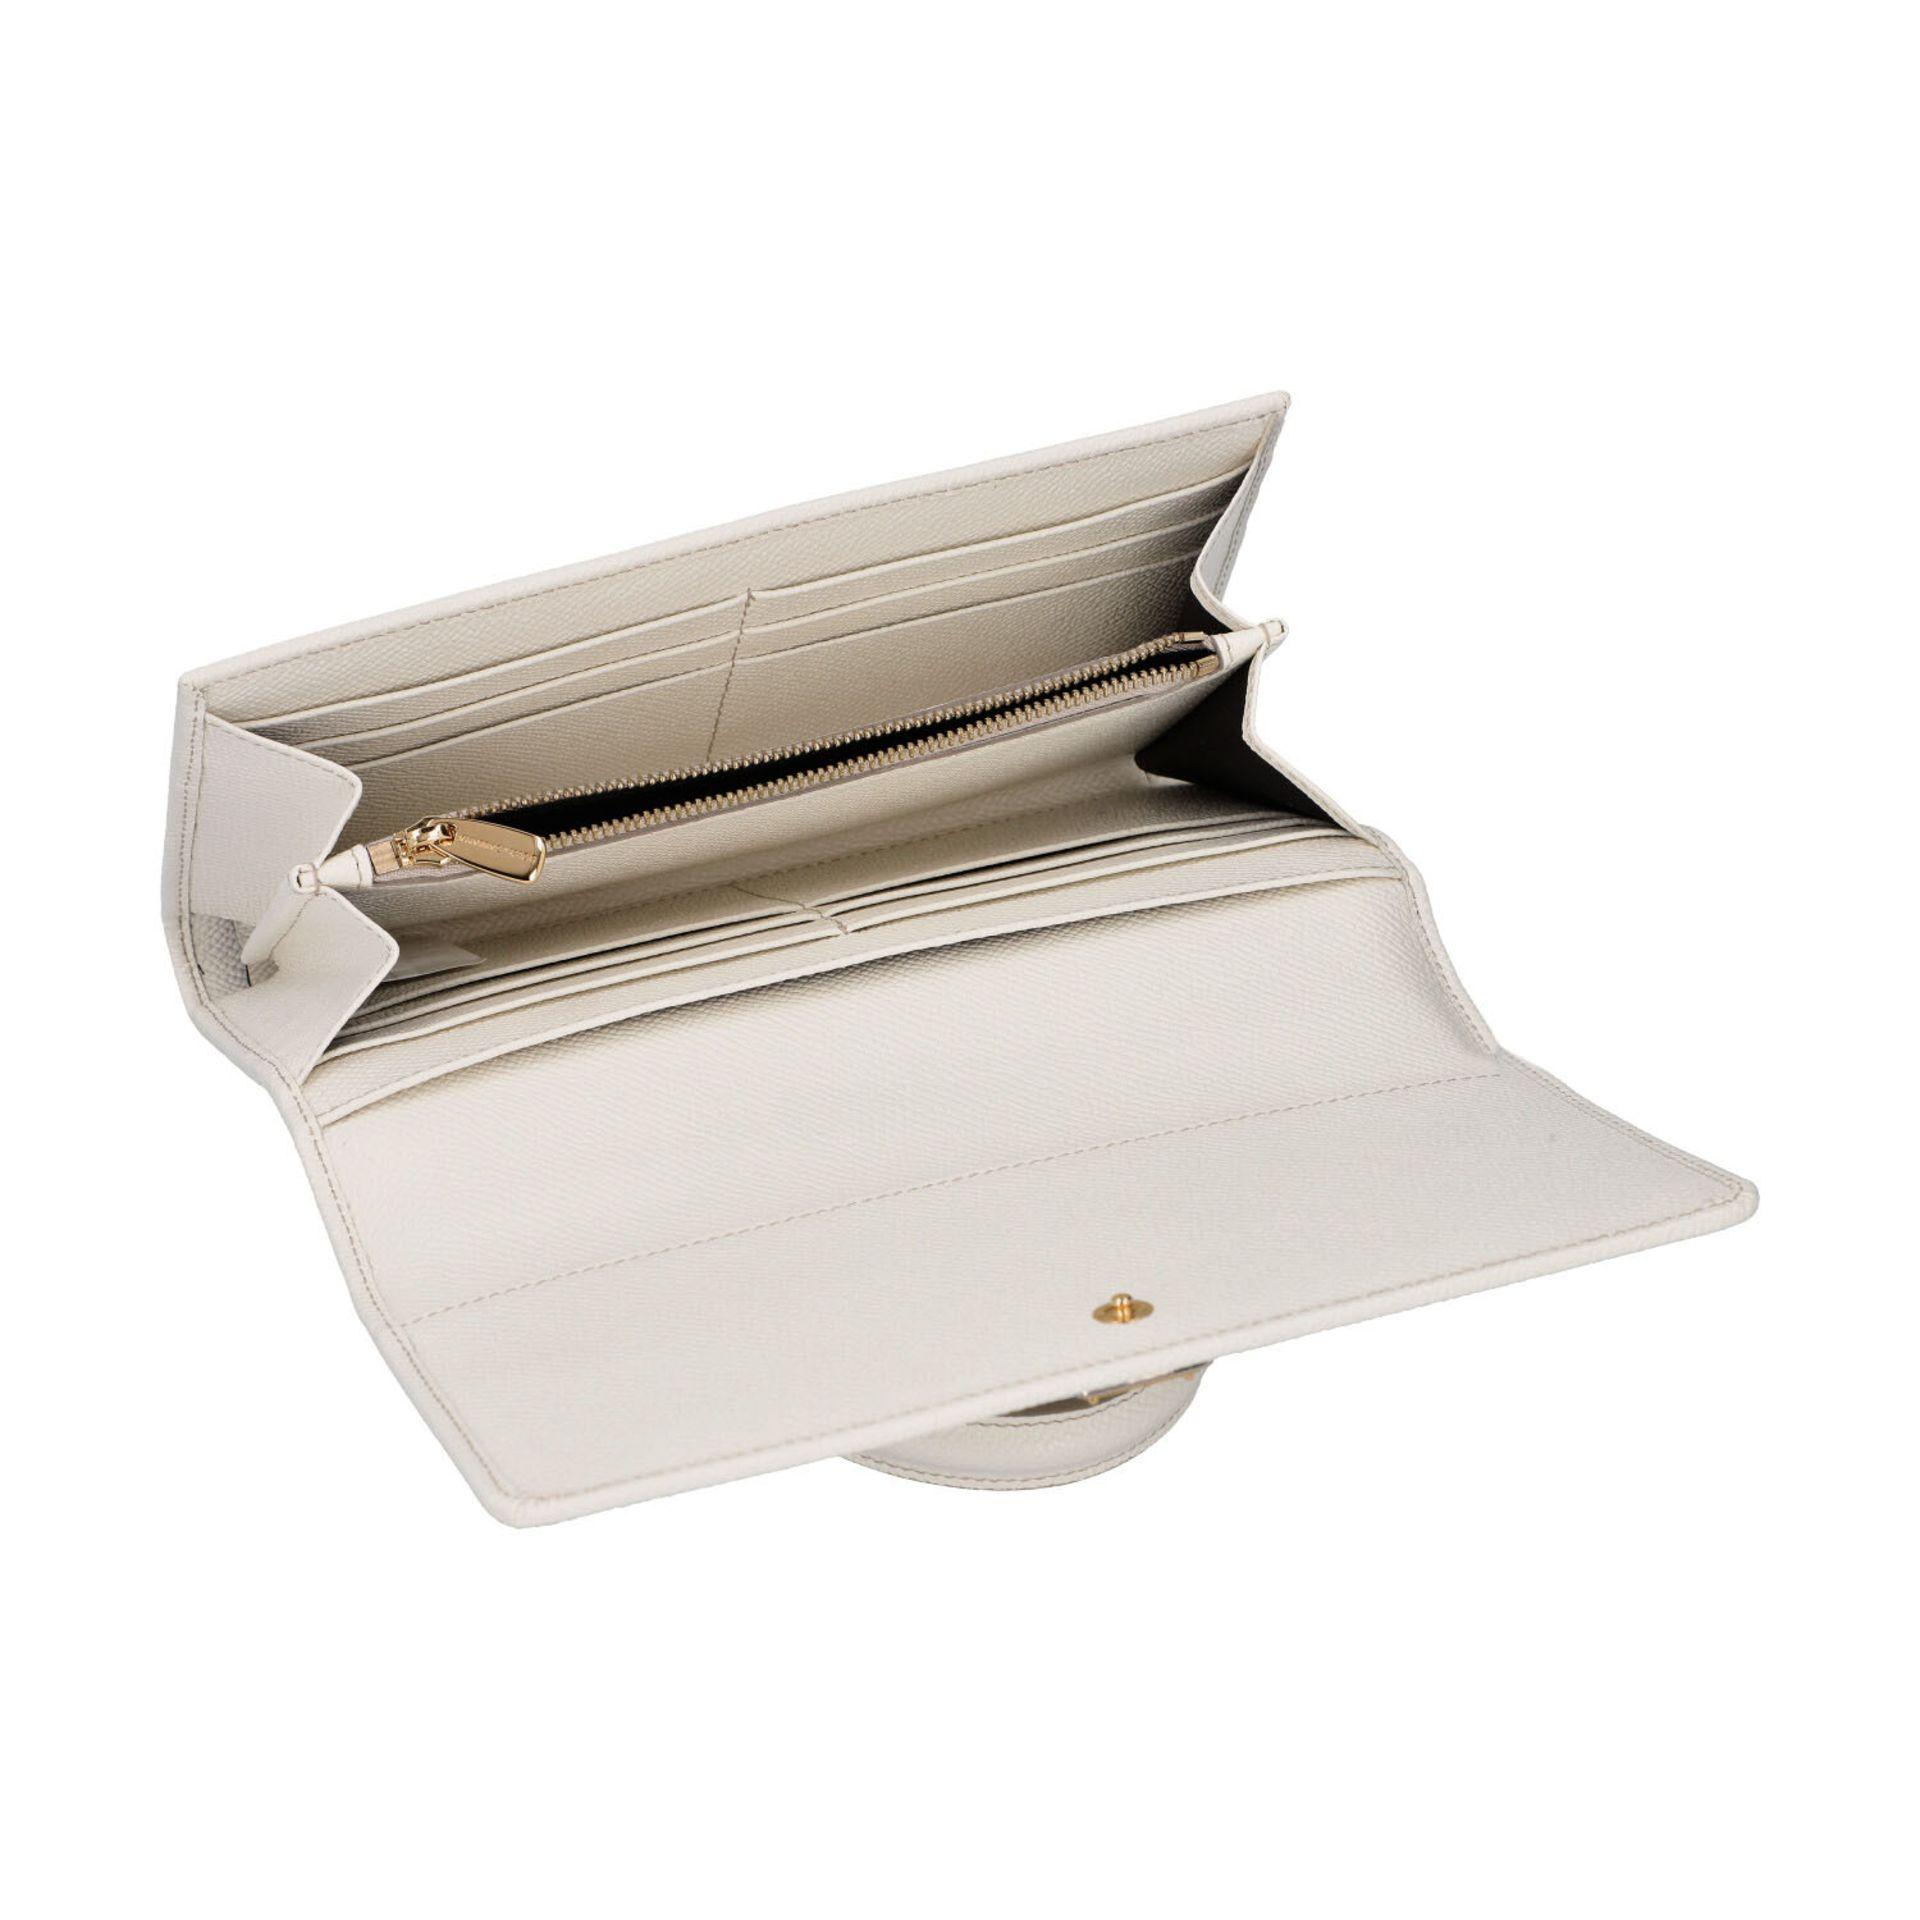 """DOLCE & GABBANA Wallet on Chain """"SICILY WALLET"""".Fein genarbtes Leder in Weiß mit goldfarbener - Bild 6 aus 6"""